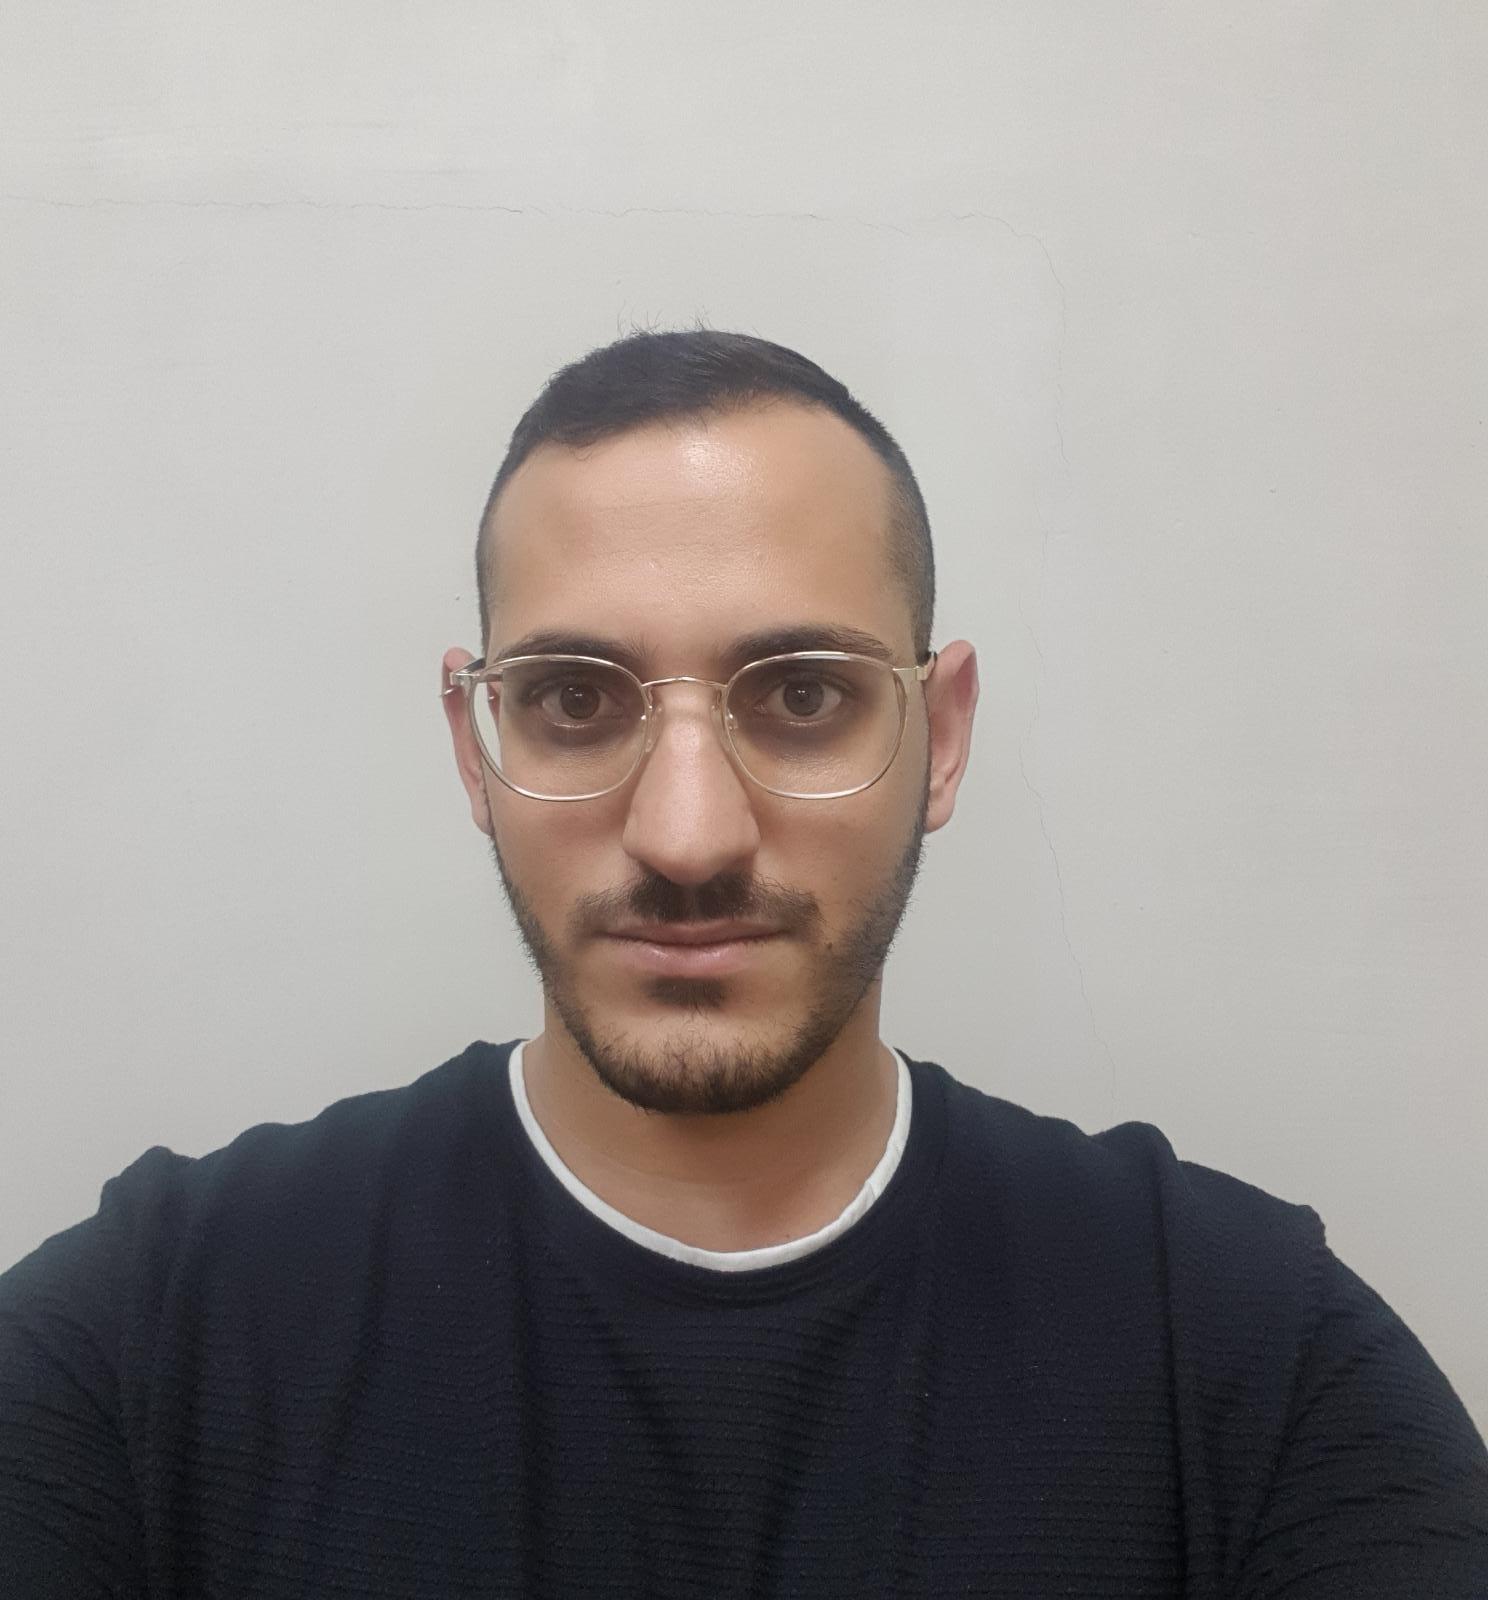 דניאל זנדגי, מהנדס תוכנה